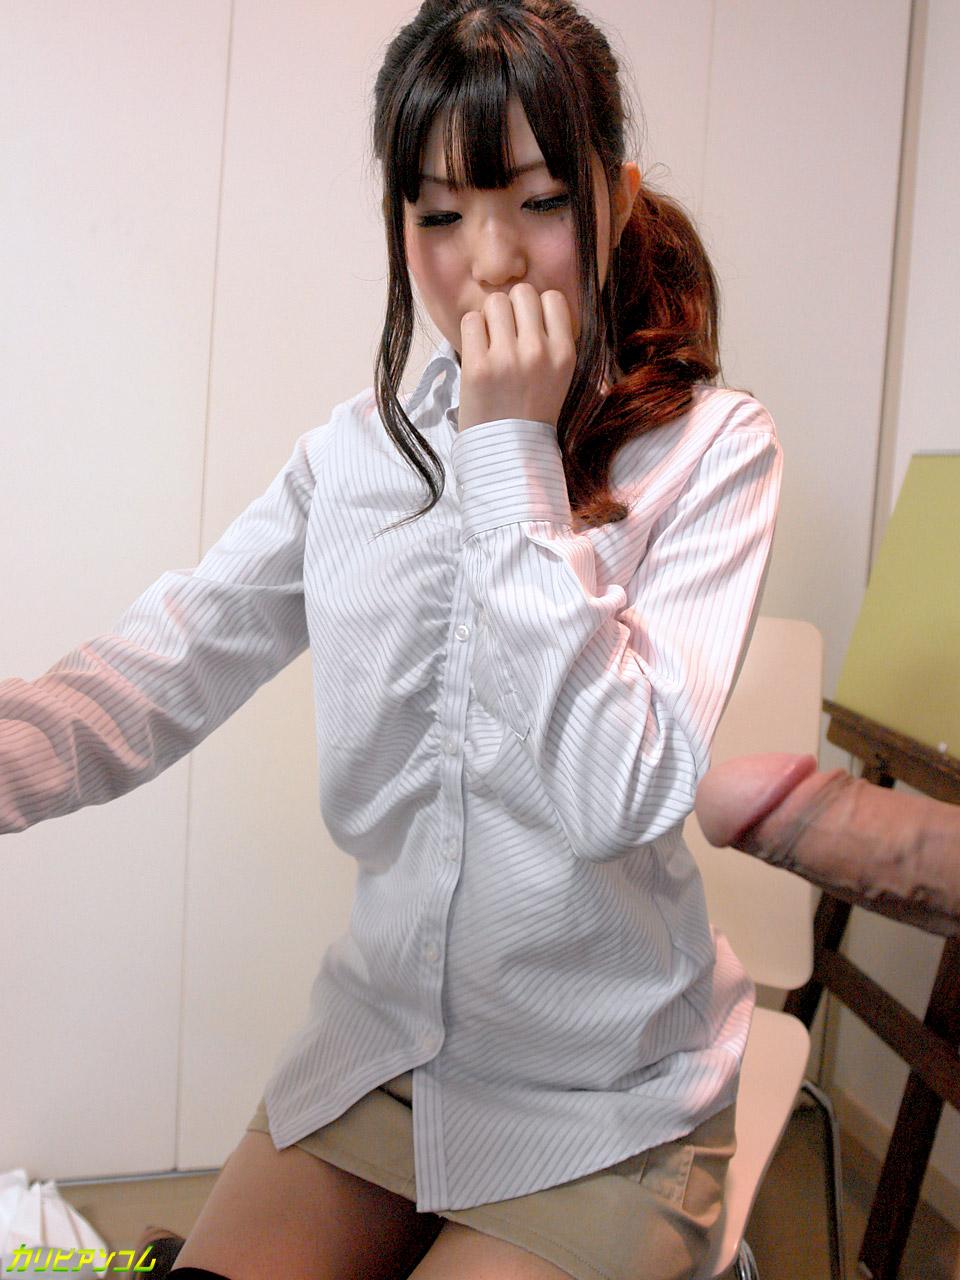 絵画教室の生徒に勃起したチンポを魅せつけたら… 紗彩さくら